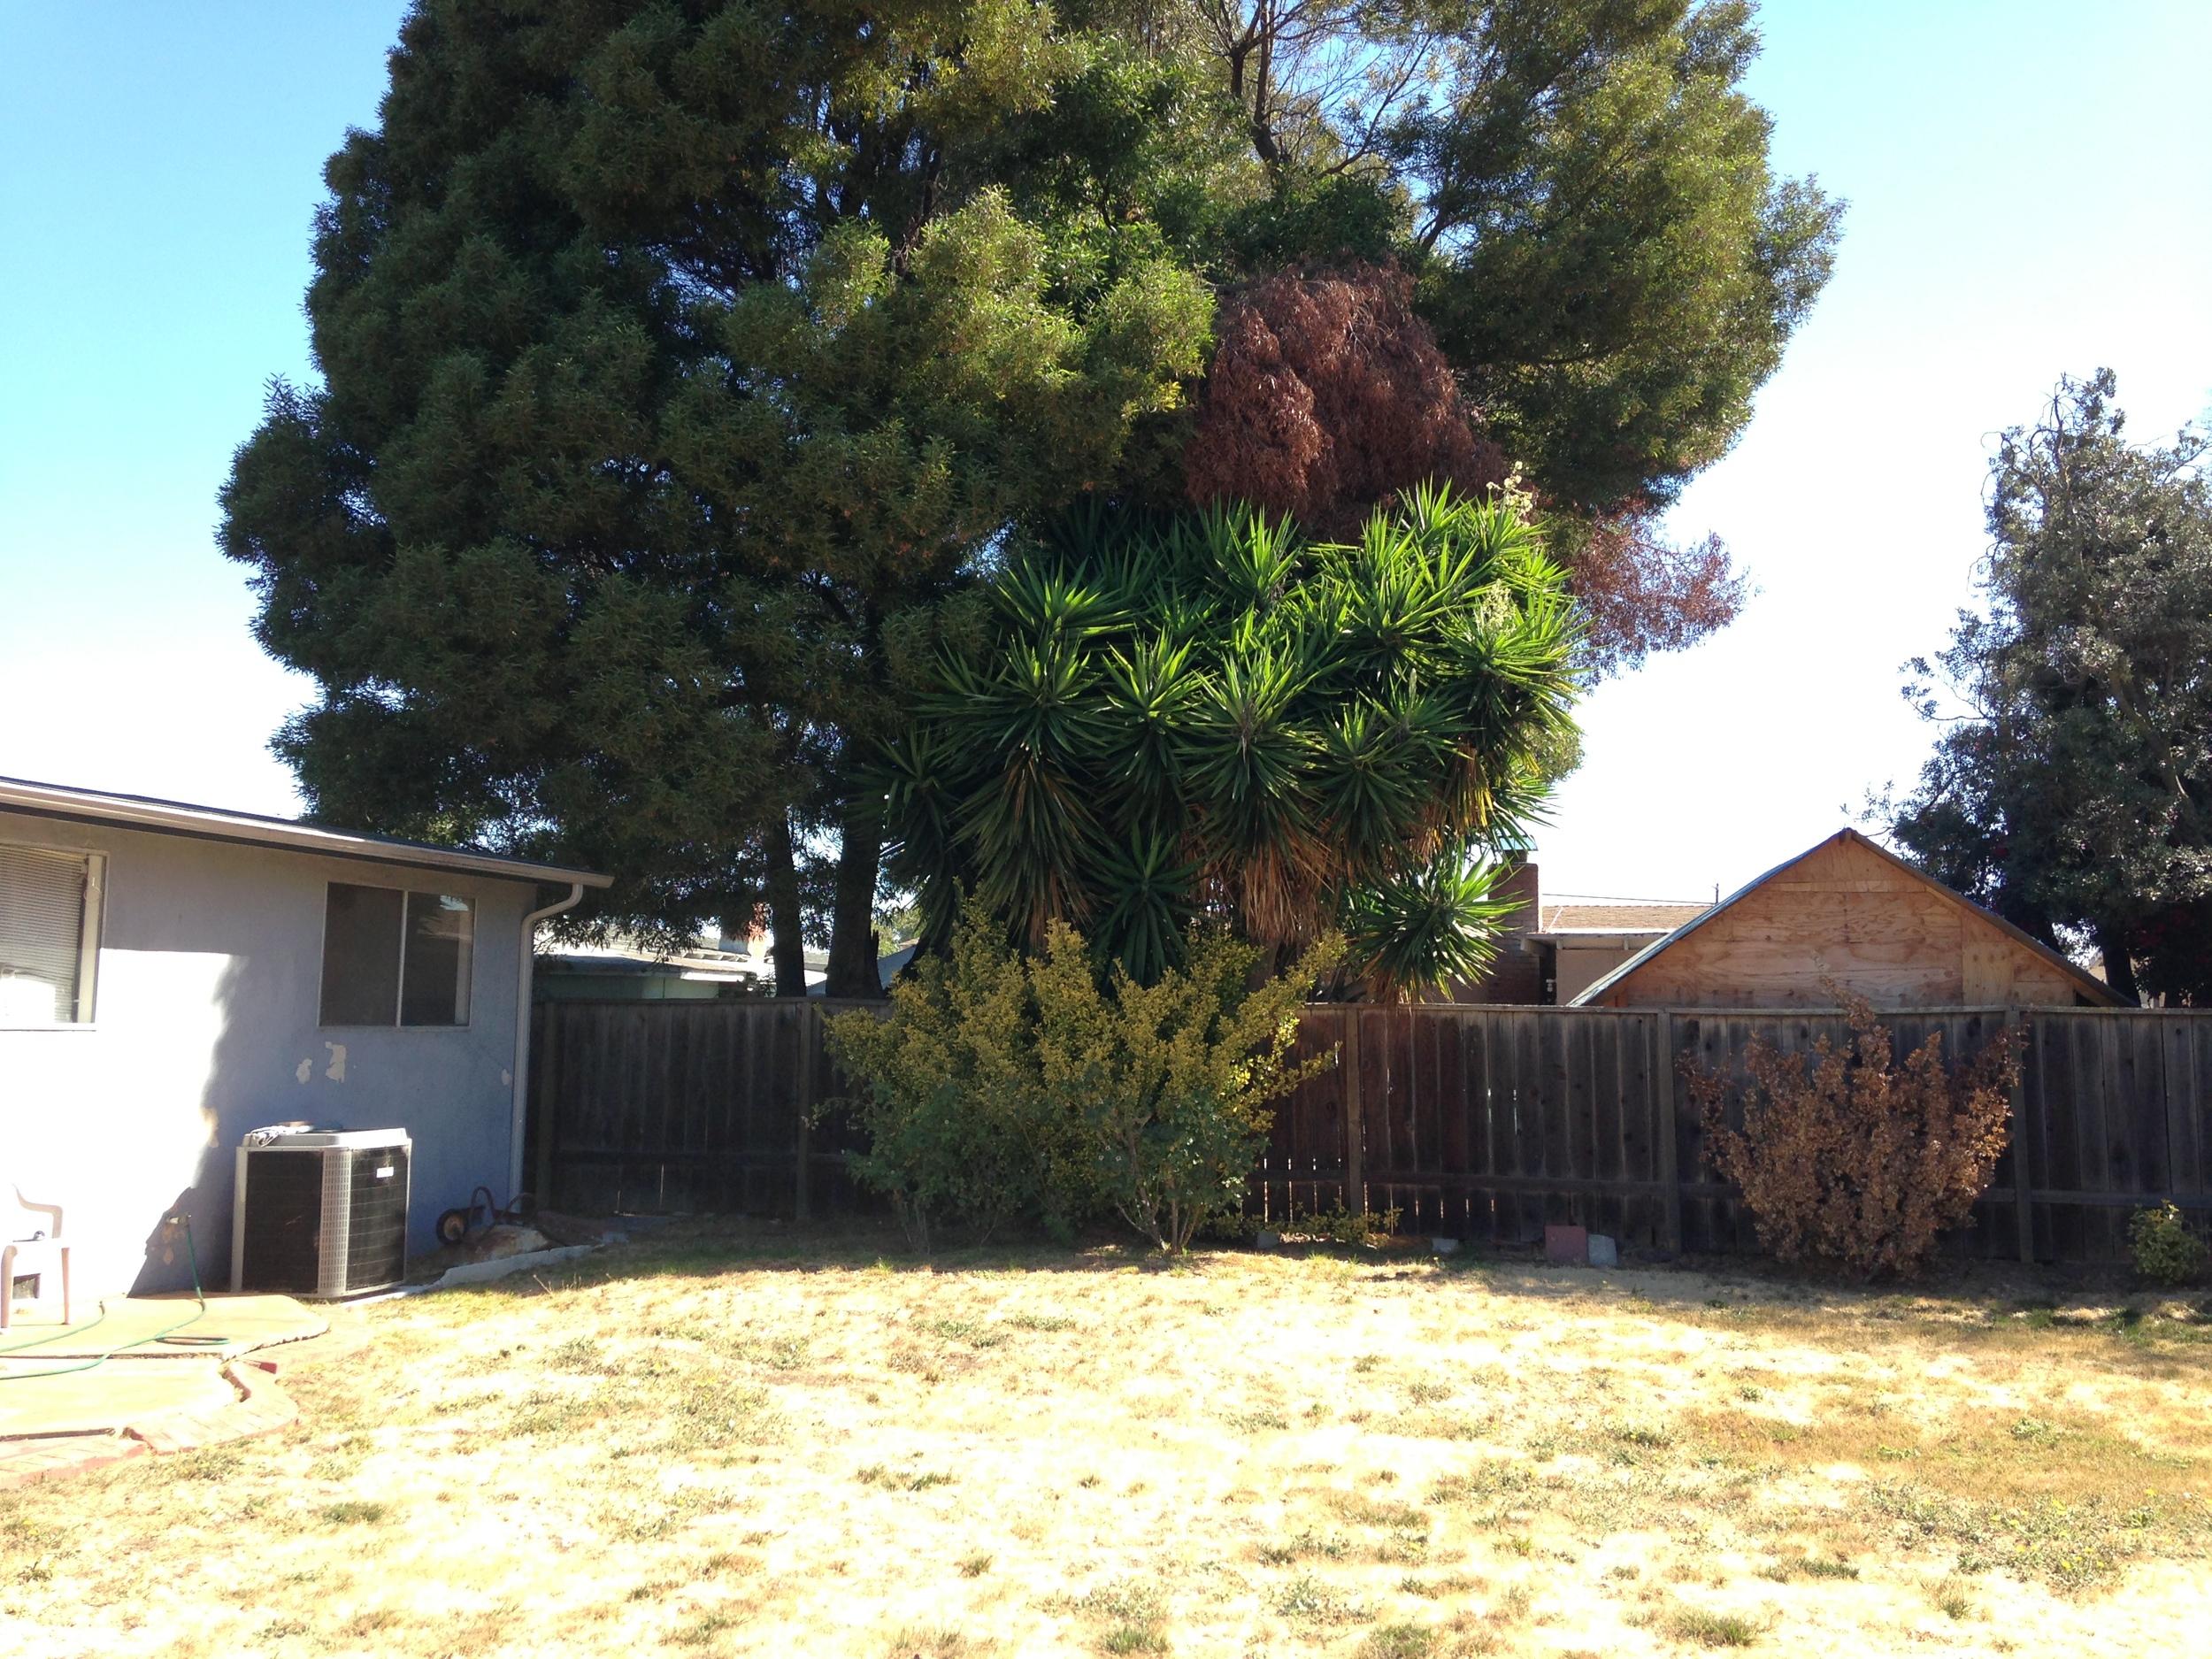 backyard view 2.JPG